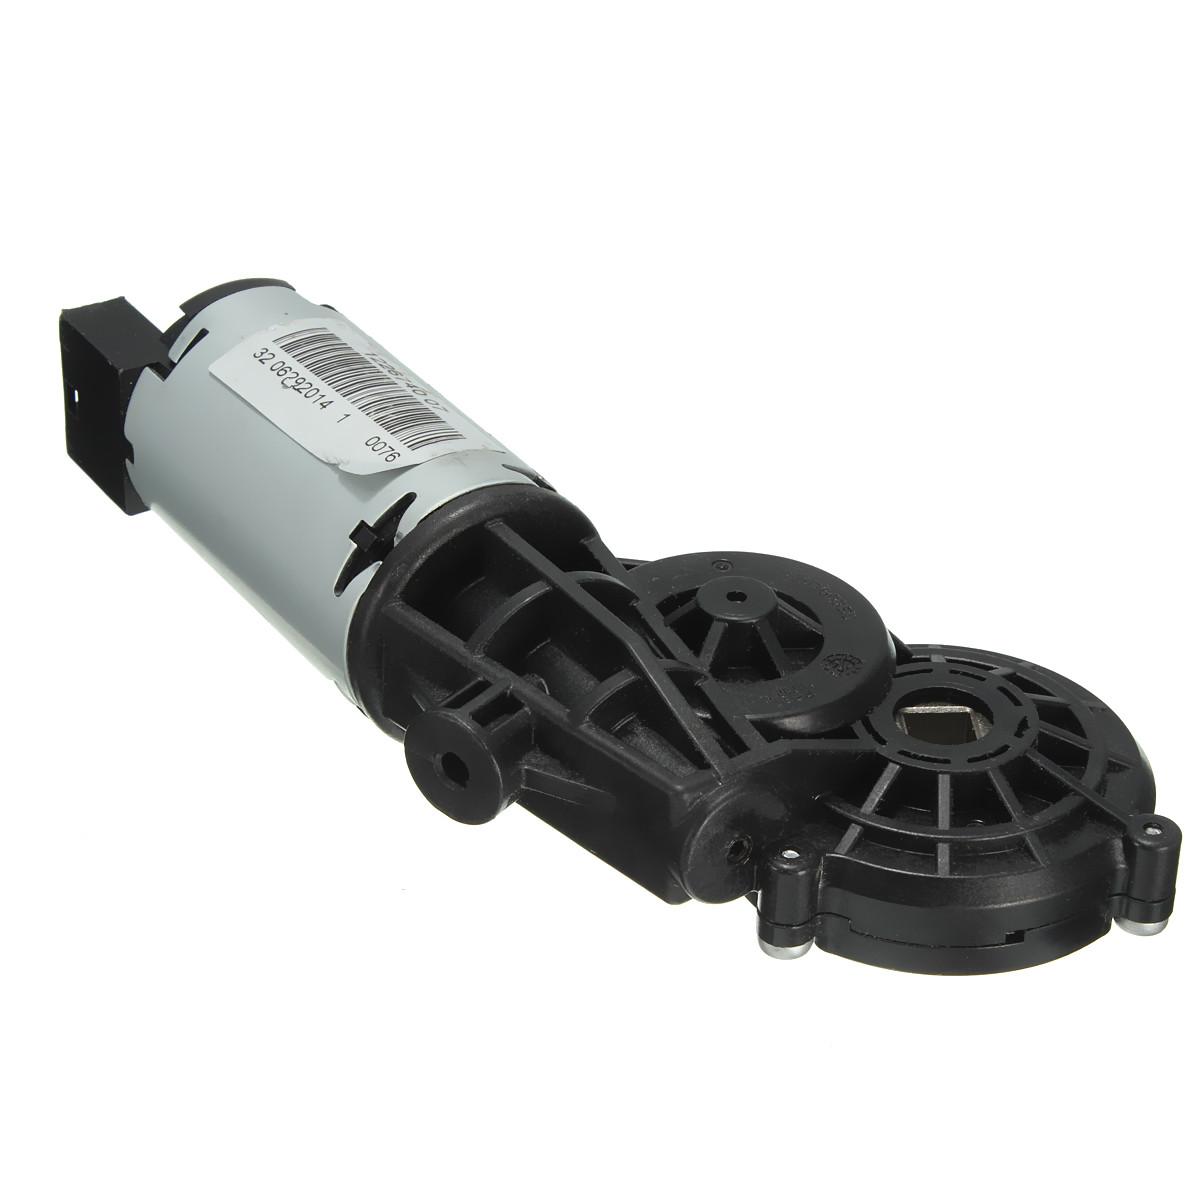 Buy 12v 24v dc worm gear motor high torque magnetic motor for 12v dc 300 rpm high torque gearbox motor